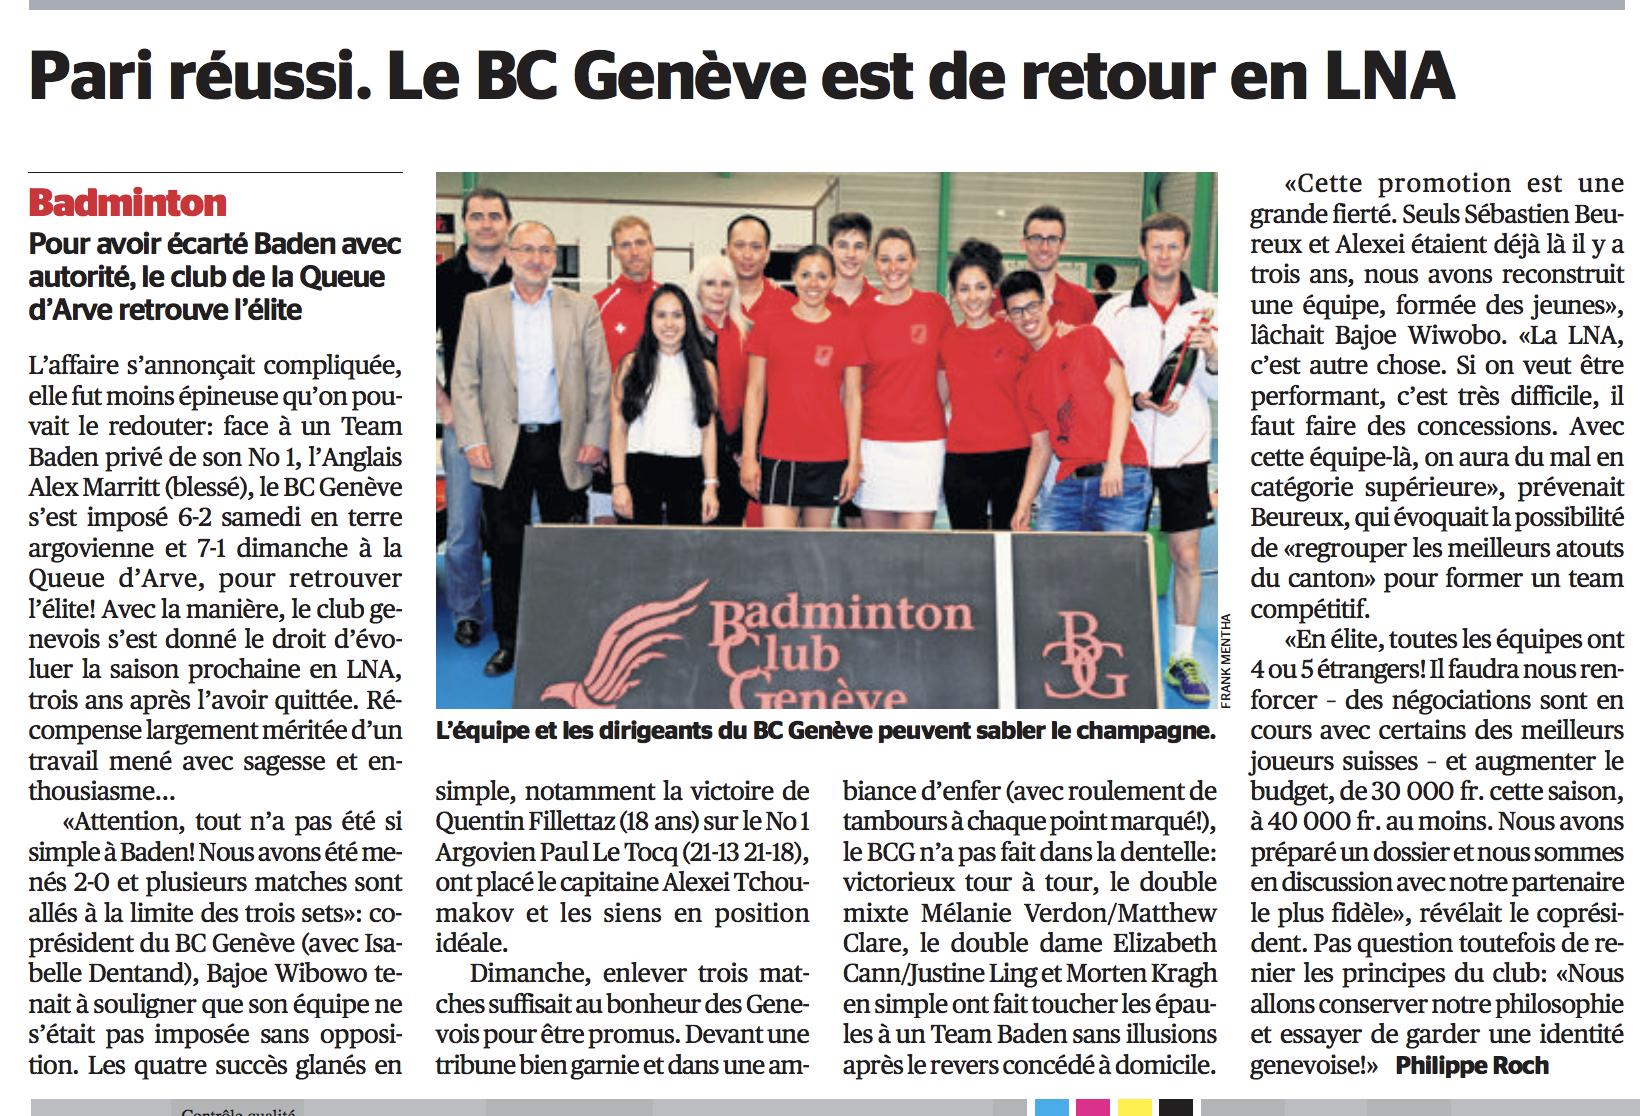 Isabelle Dentand Bajoe Wibowo Pari réussi Badminton Club Genève